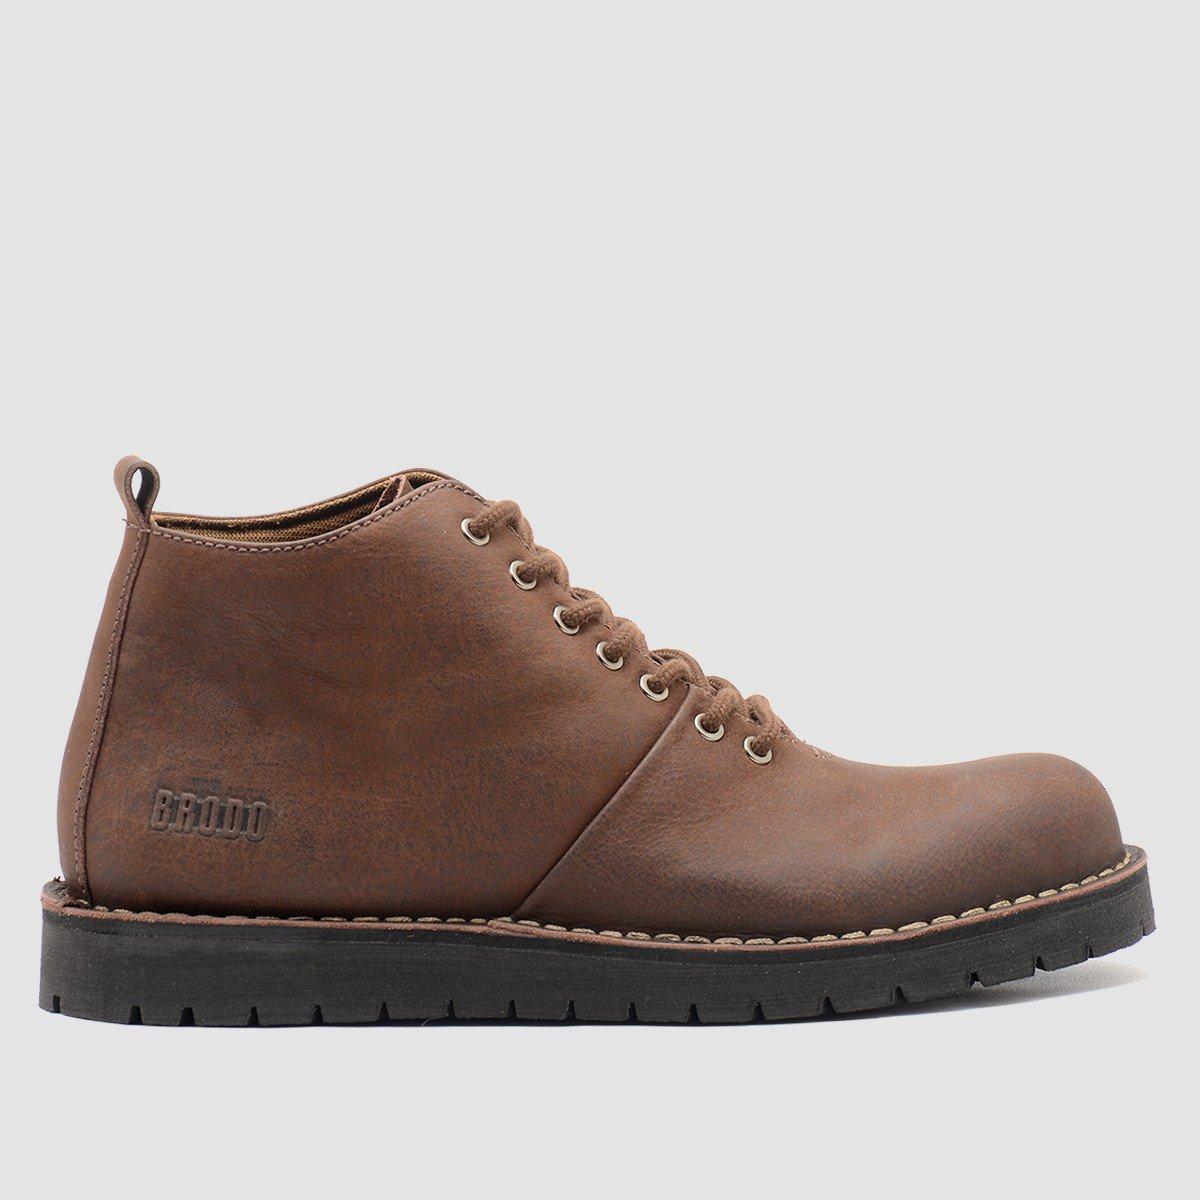 BRODO - Sepatu Pria Signore Boots Fresato Dark Choco Black Sole ... 83d6e47c53